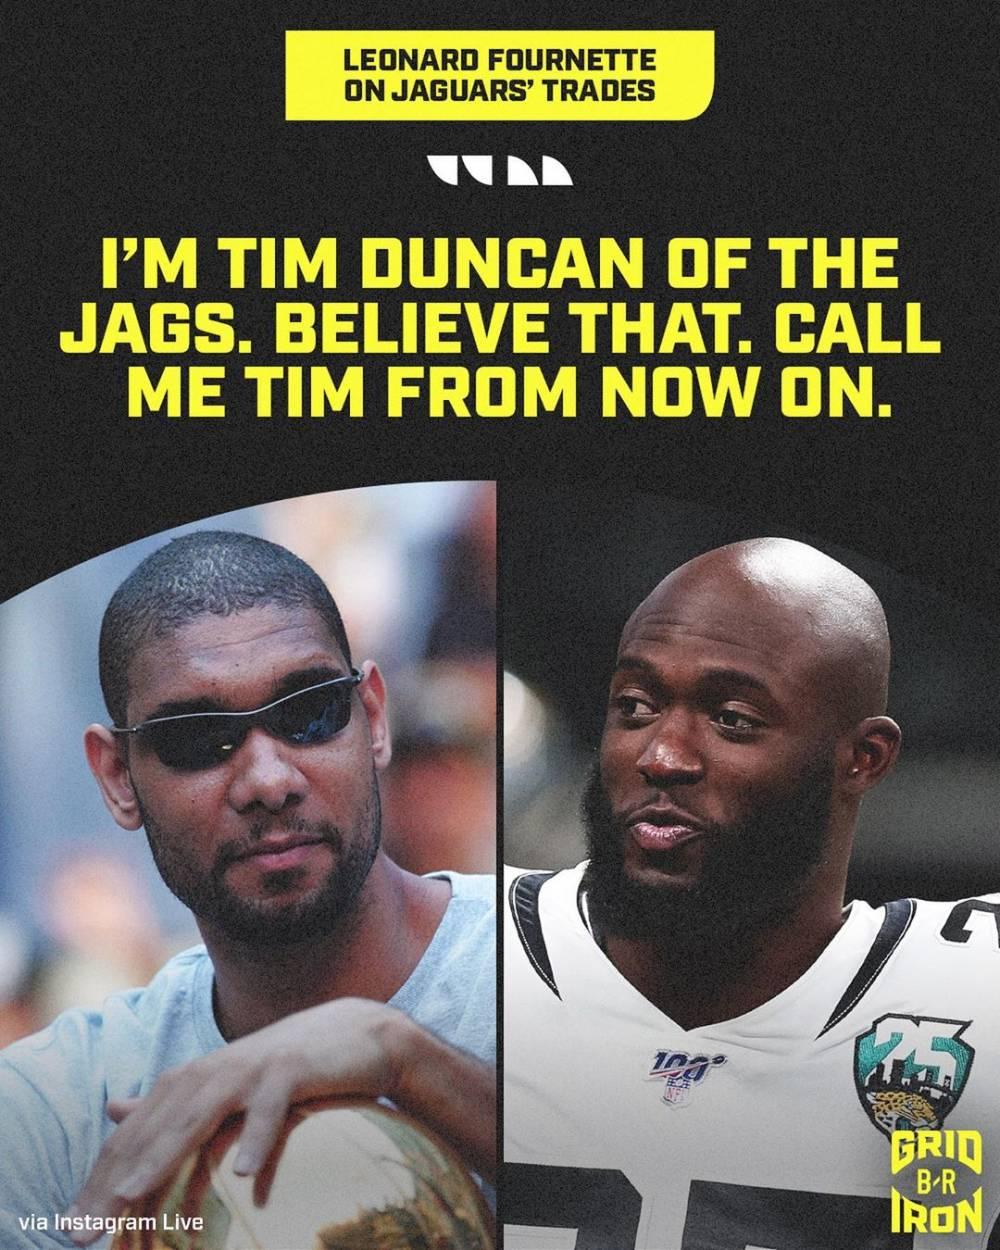 NFL球员福内特笑谈自己未被交易:我就是我们队的邓肯